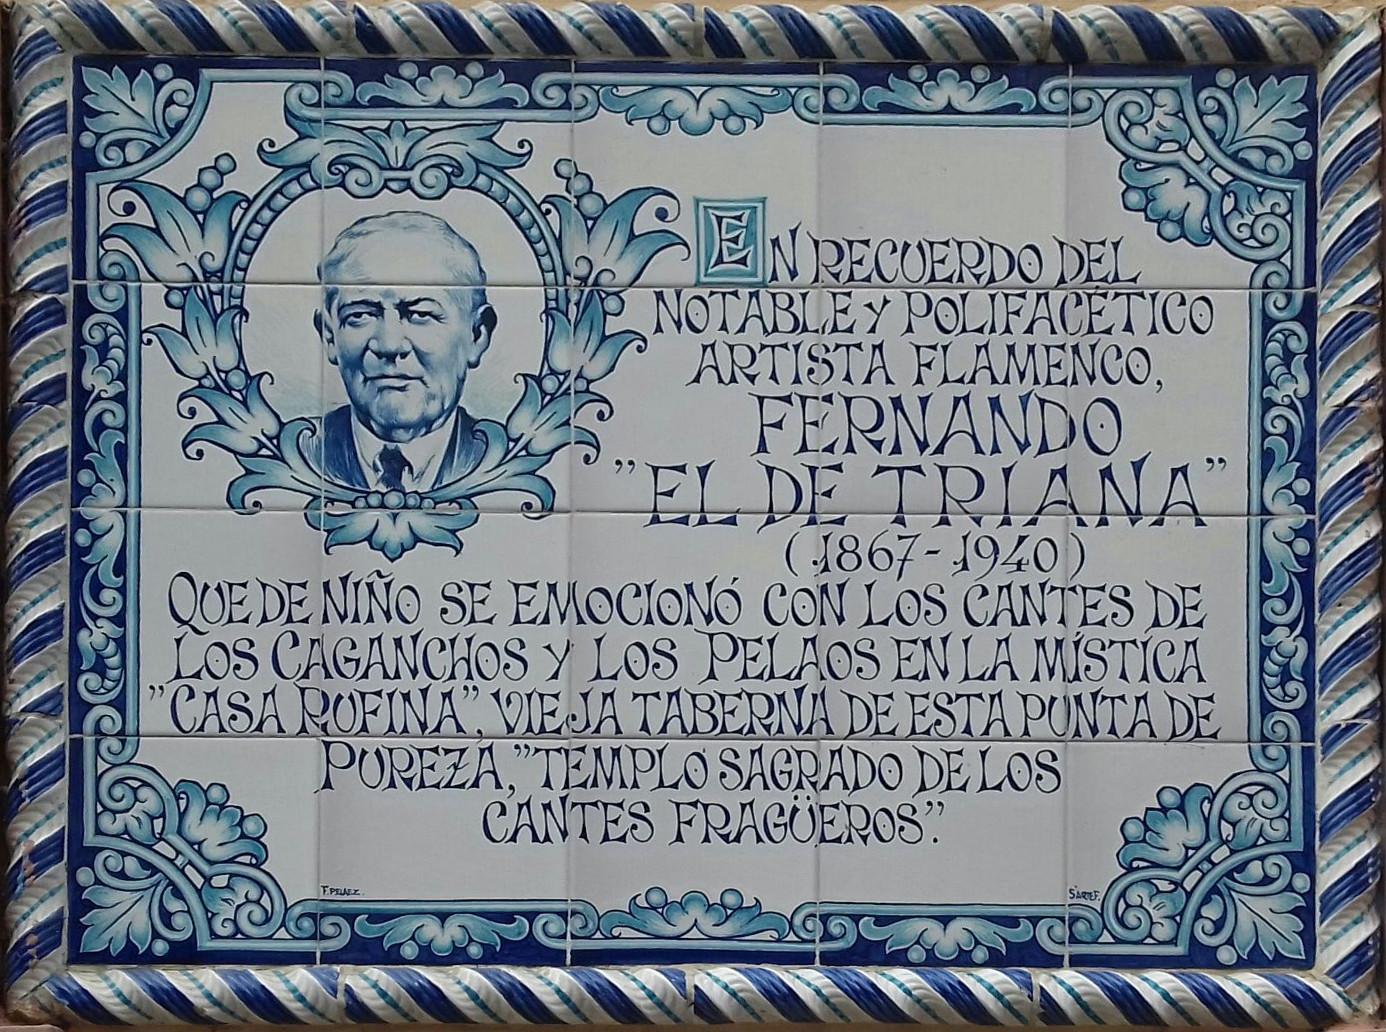 Fernando el de Triana